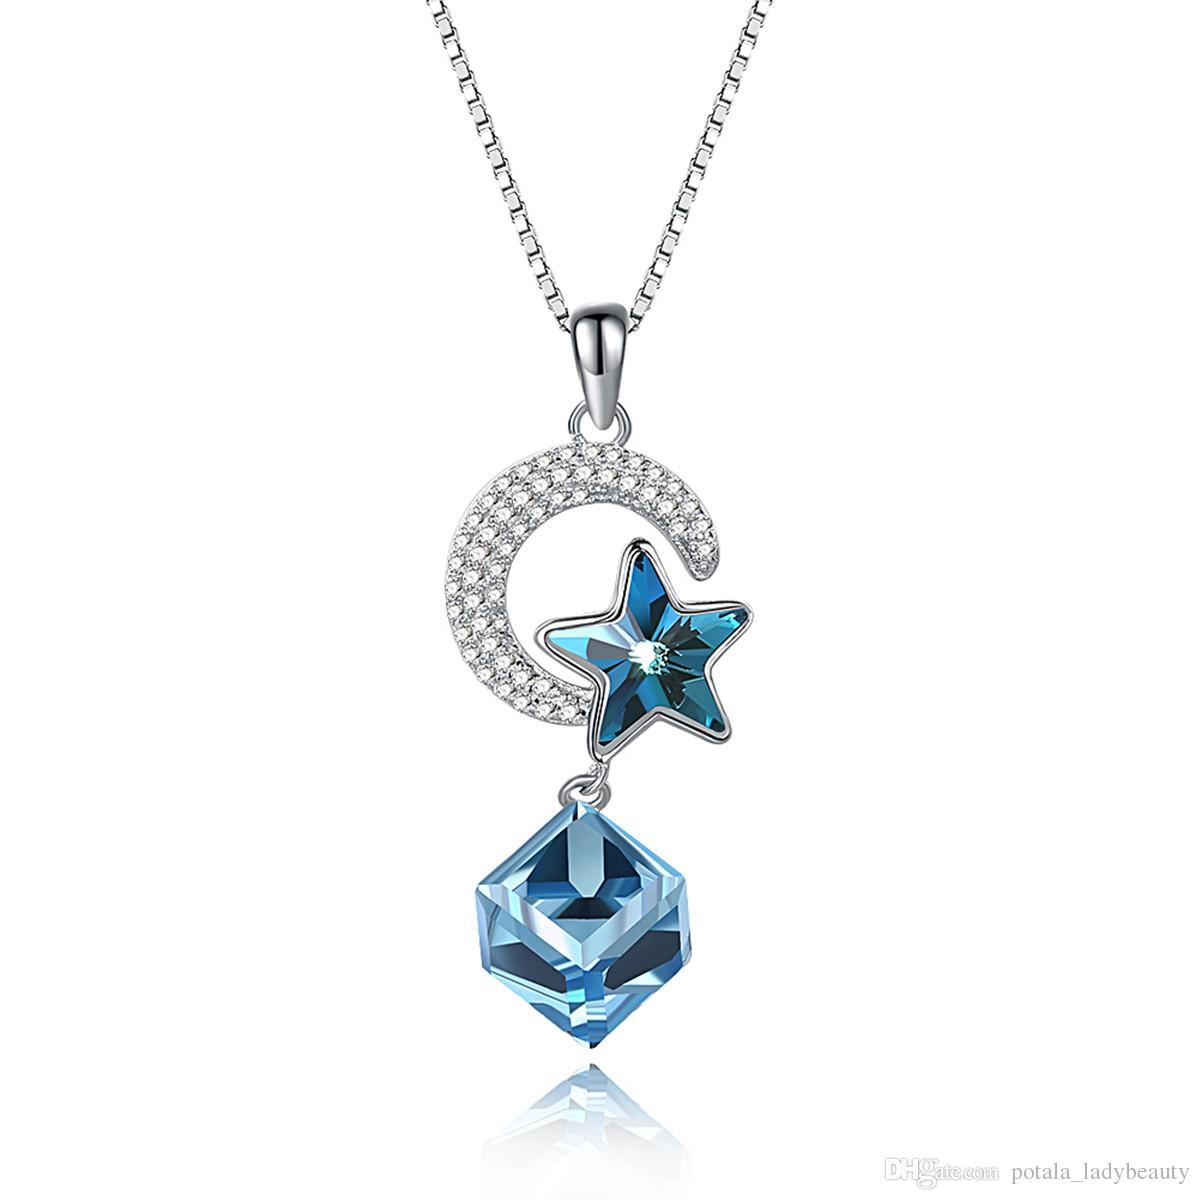 d806678f7dcb Compre Luna Collares Elegante Cristal De Swarovski Elemento Estrella Azul  S925 Collar Colgante De Plata De Ley Circón Aniversario Invisible POTALA256  A ...